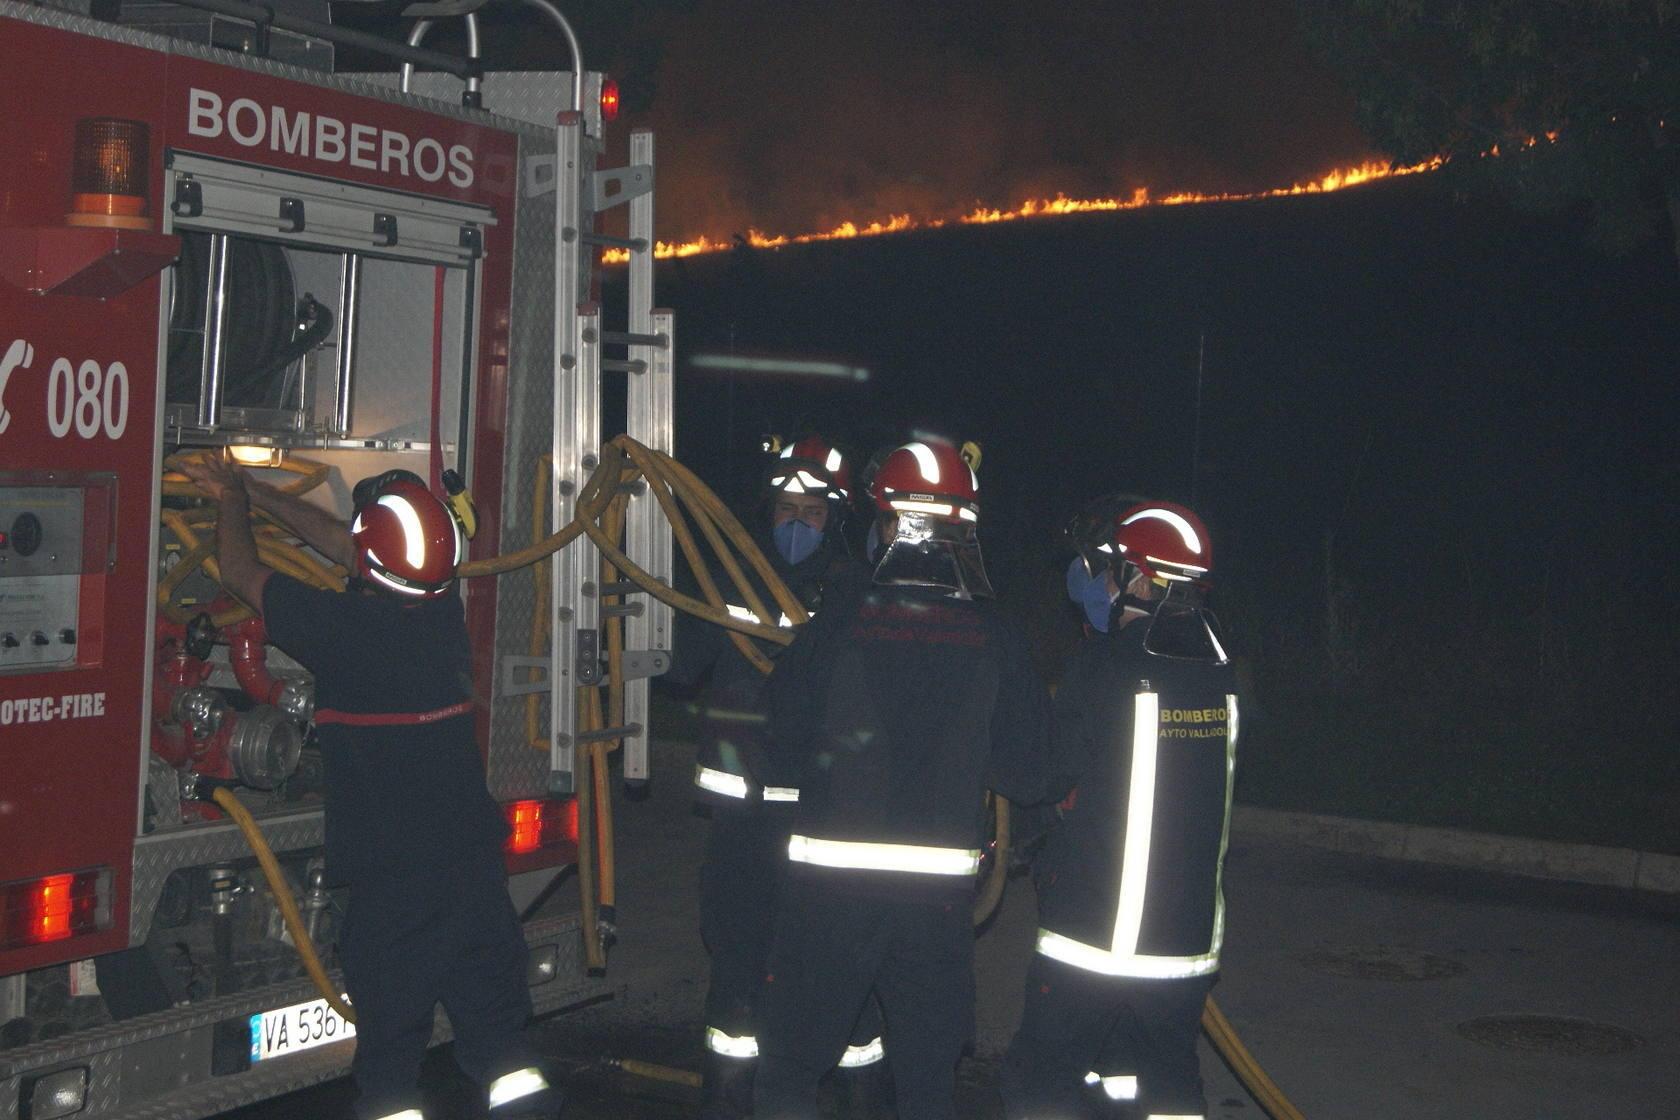 Incendio en Arroyo de la Encomienda. Valladolid